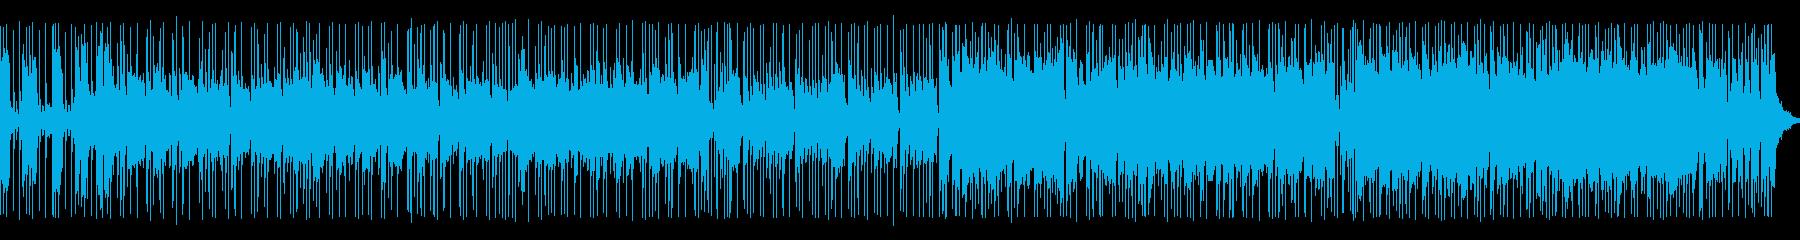 エレキギターメインのアップテンポ BGMの再生済みの波形